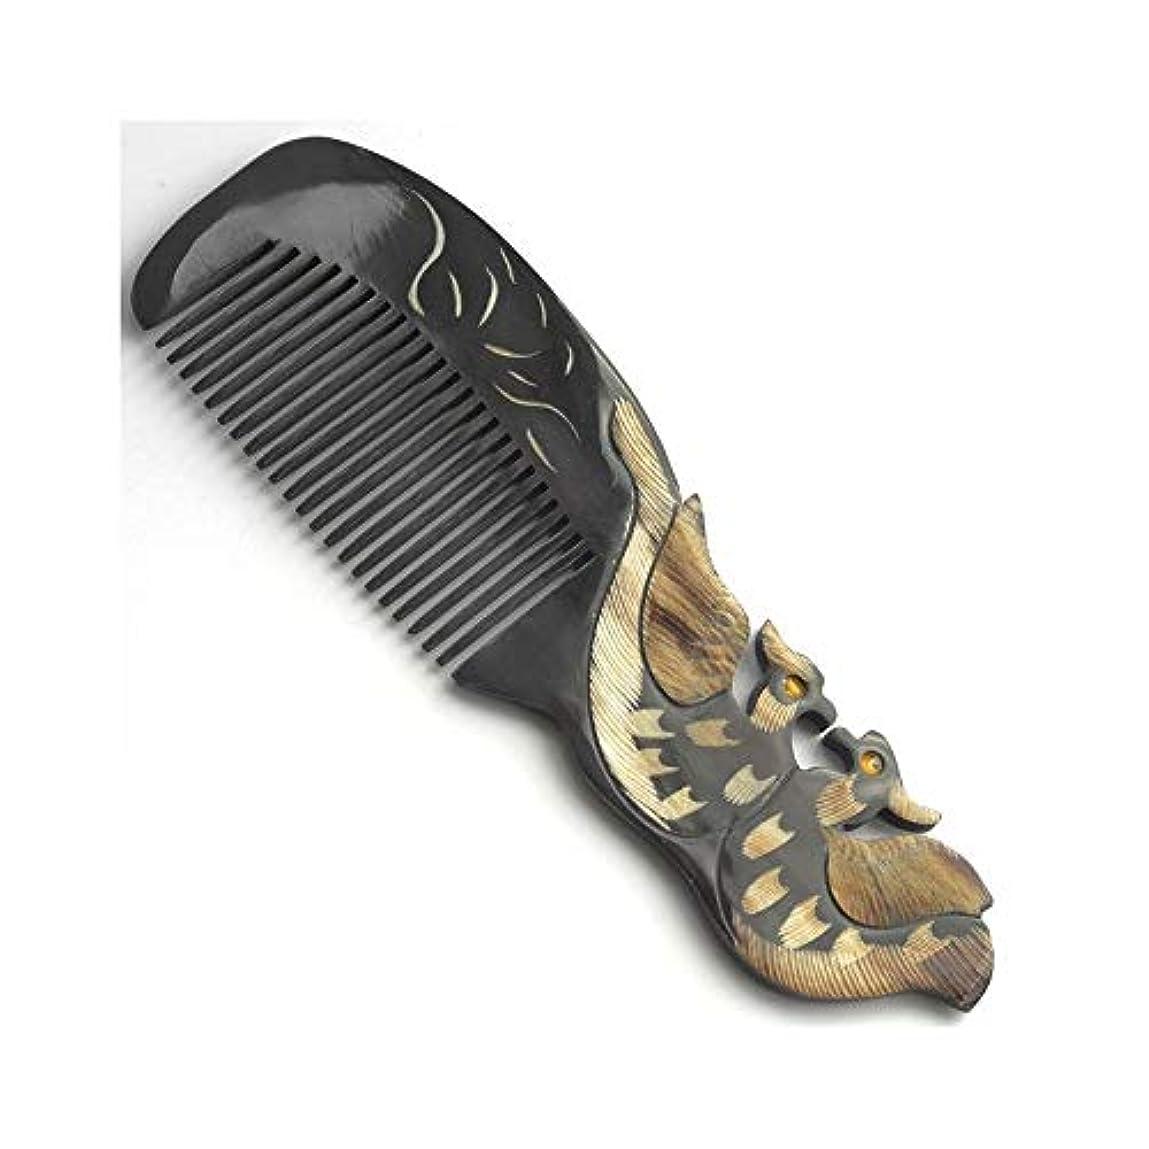 浅い労働者平手打ちヘアコーム理髪くし ブラックヘアコーム静的な木製ファイン歯のくし - ナチュラルバッファローホーン櫛のために女性と男性 ヘアスタイリングコーム (Color : 427)